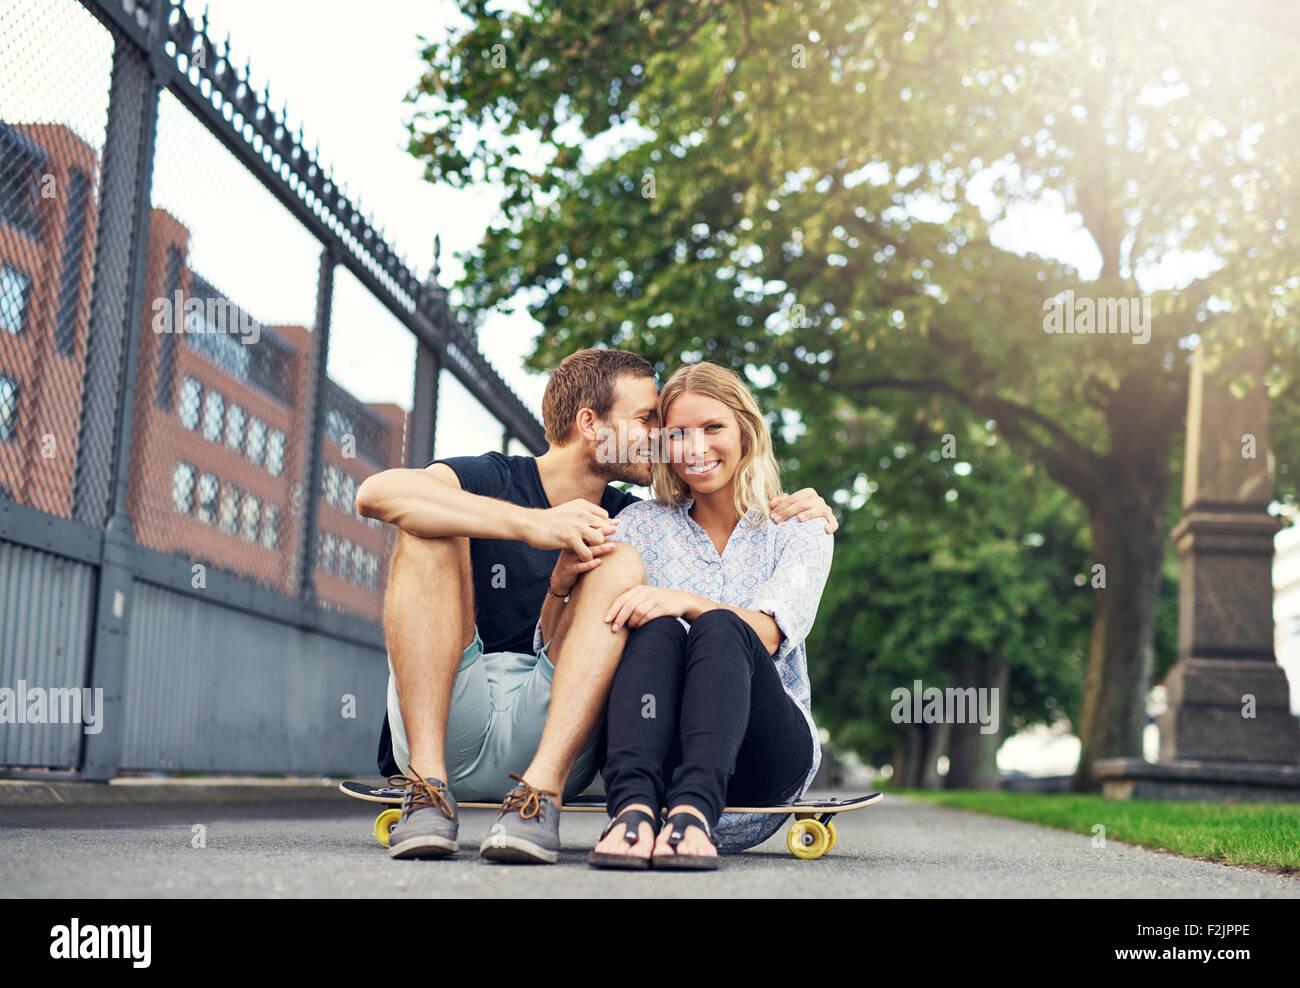 Homme Femme caressant dans un charmant couple, grande ville Photo Stock